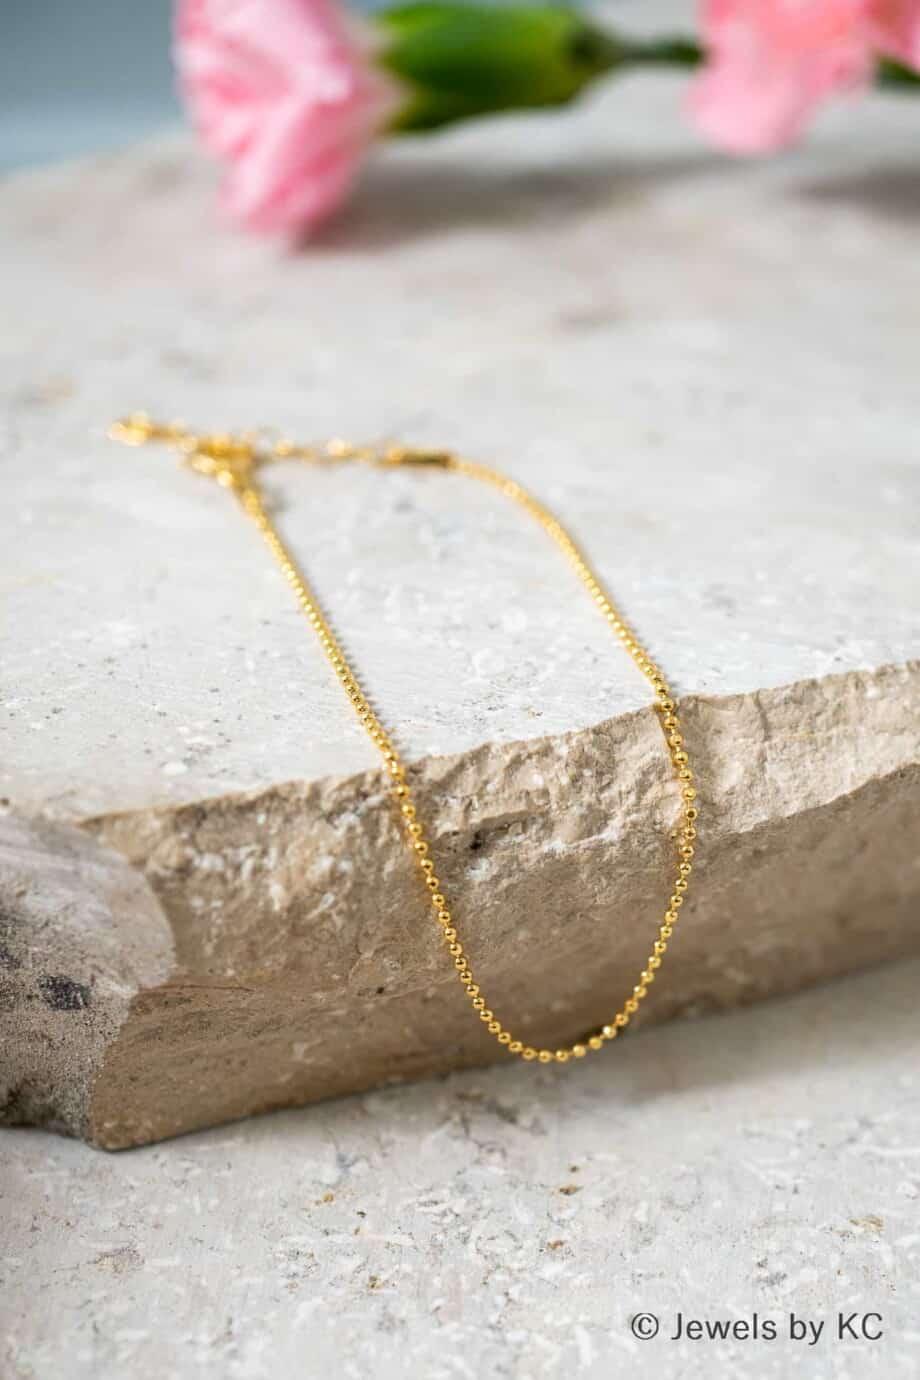 Dun Gouden armbandje Diamantadas van Goud op Zilver